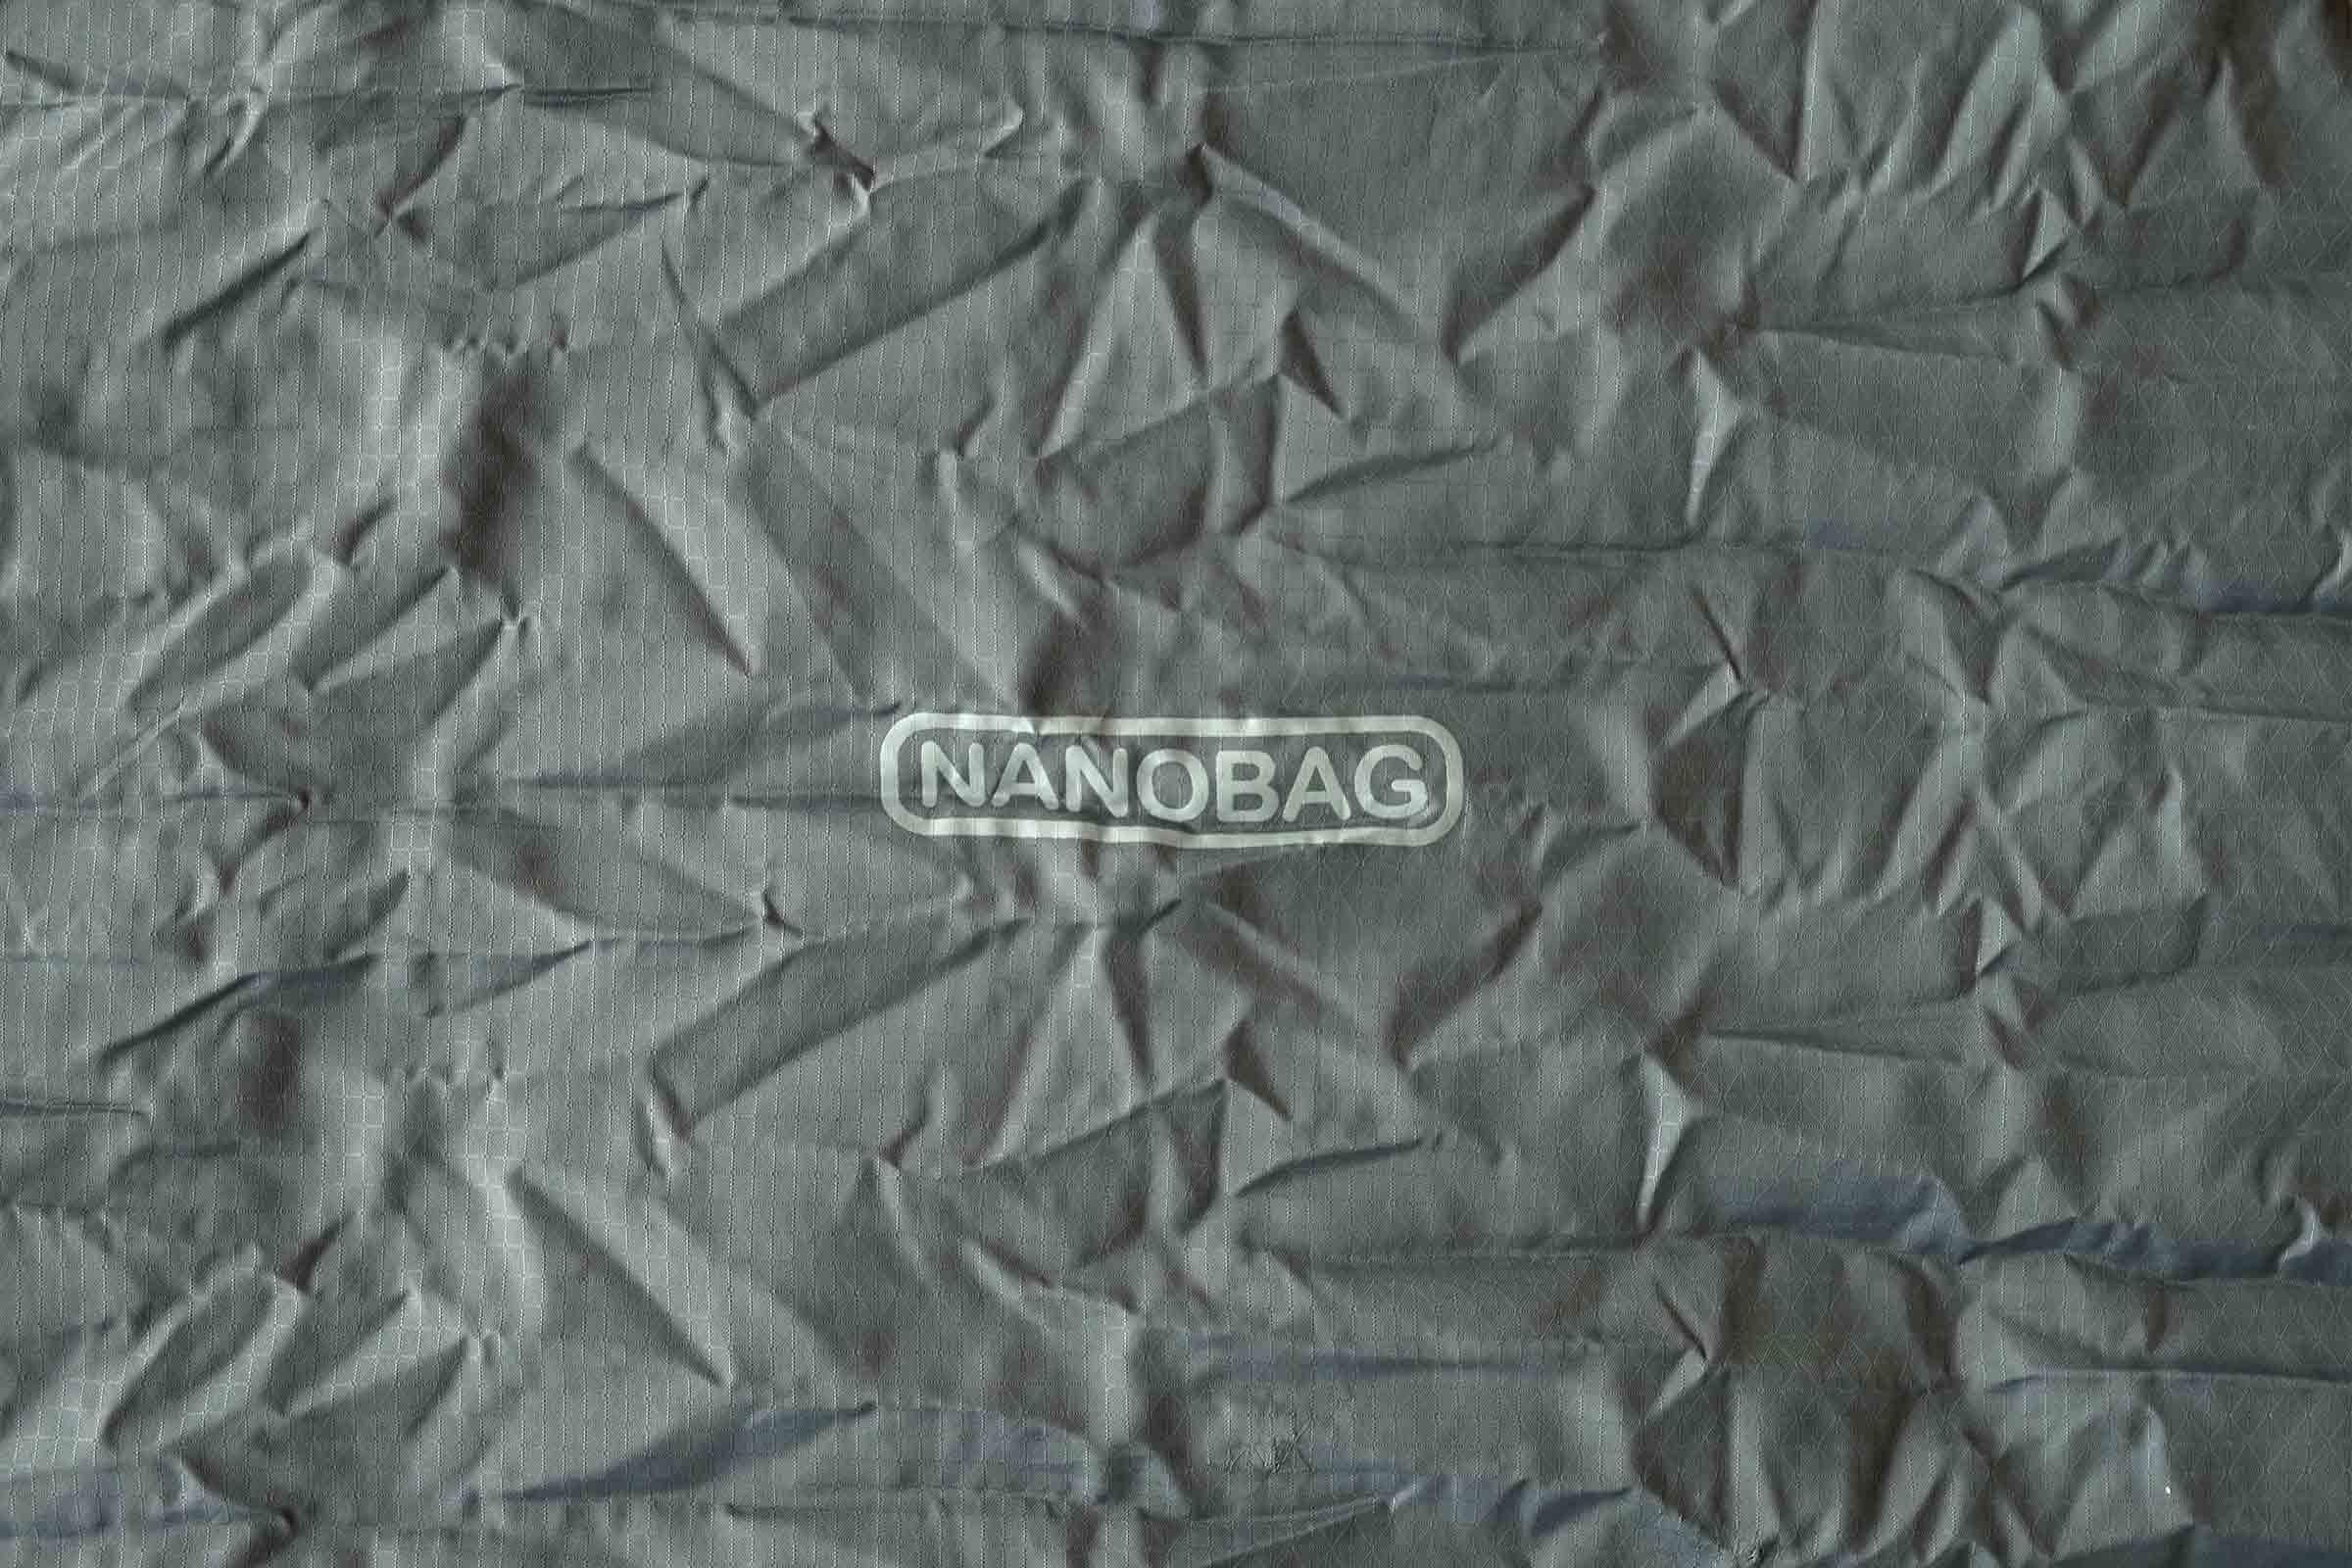 エコバッグ,nano bag,小さい,コンパクト,軽い,お洒落,安い